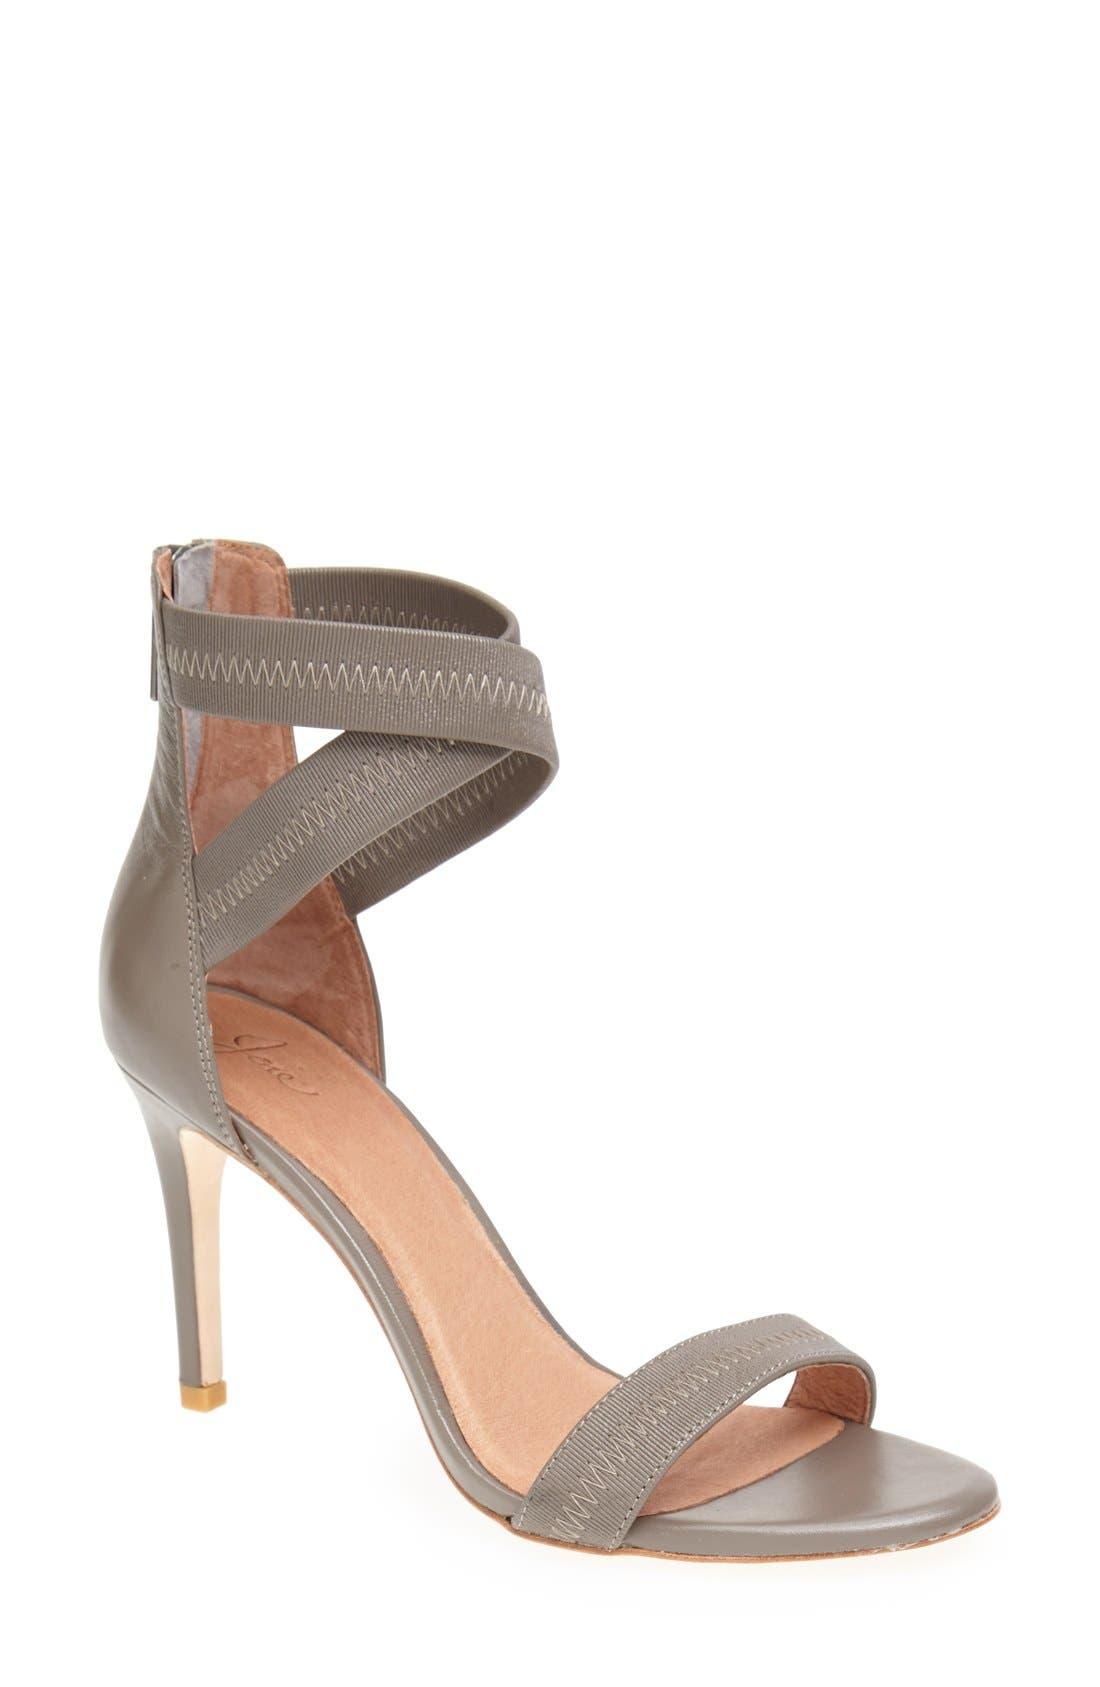 Alternate Image 1 Selected - Joie 'Elaine' Sandal (Women)